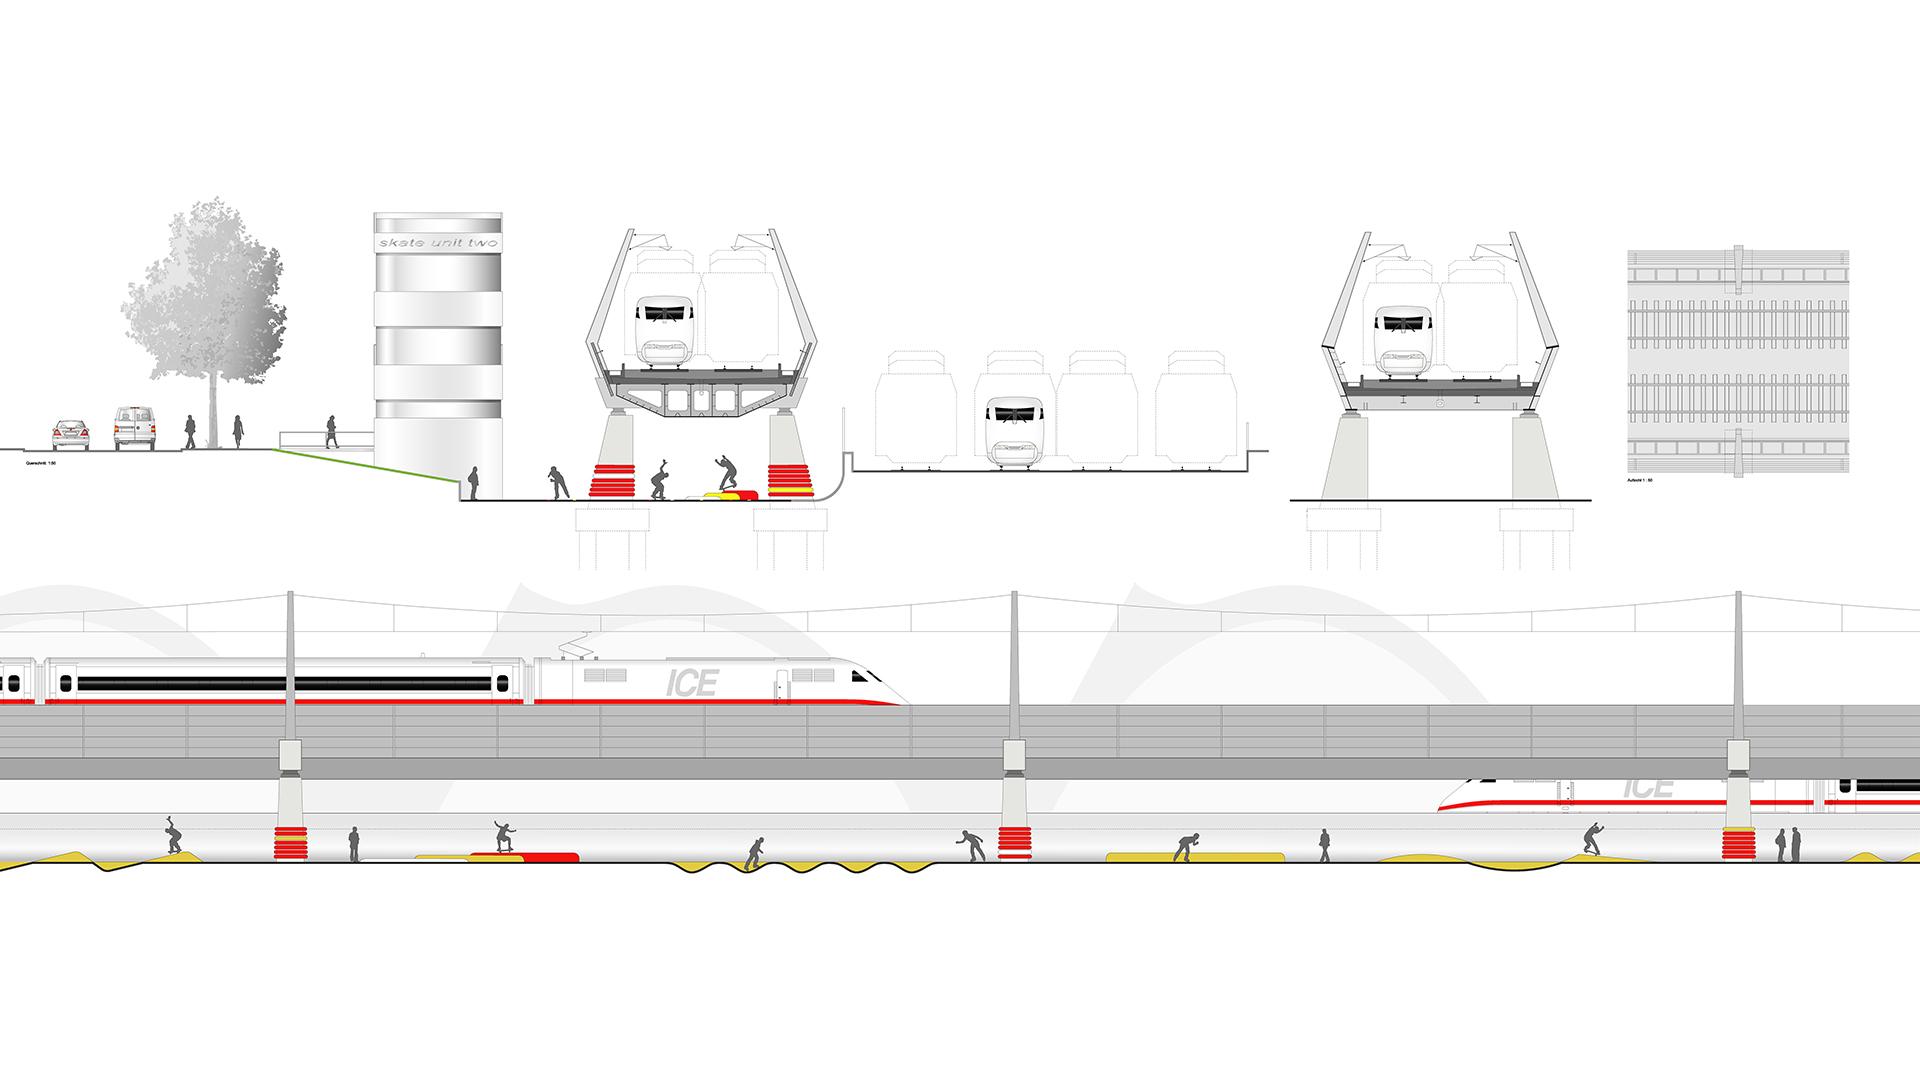 Pfeilerbahn HafenCity, Hamburg | Sauerzapfe Architekten